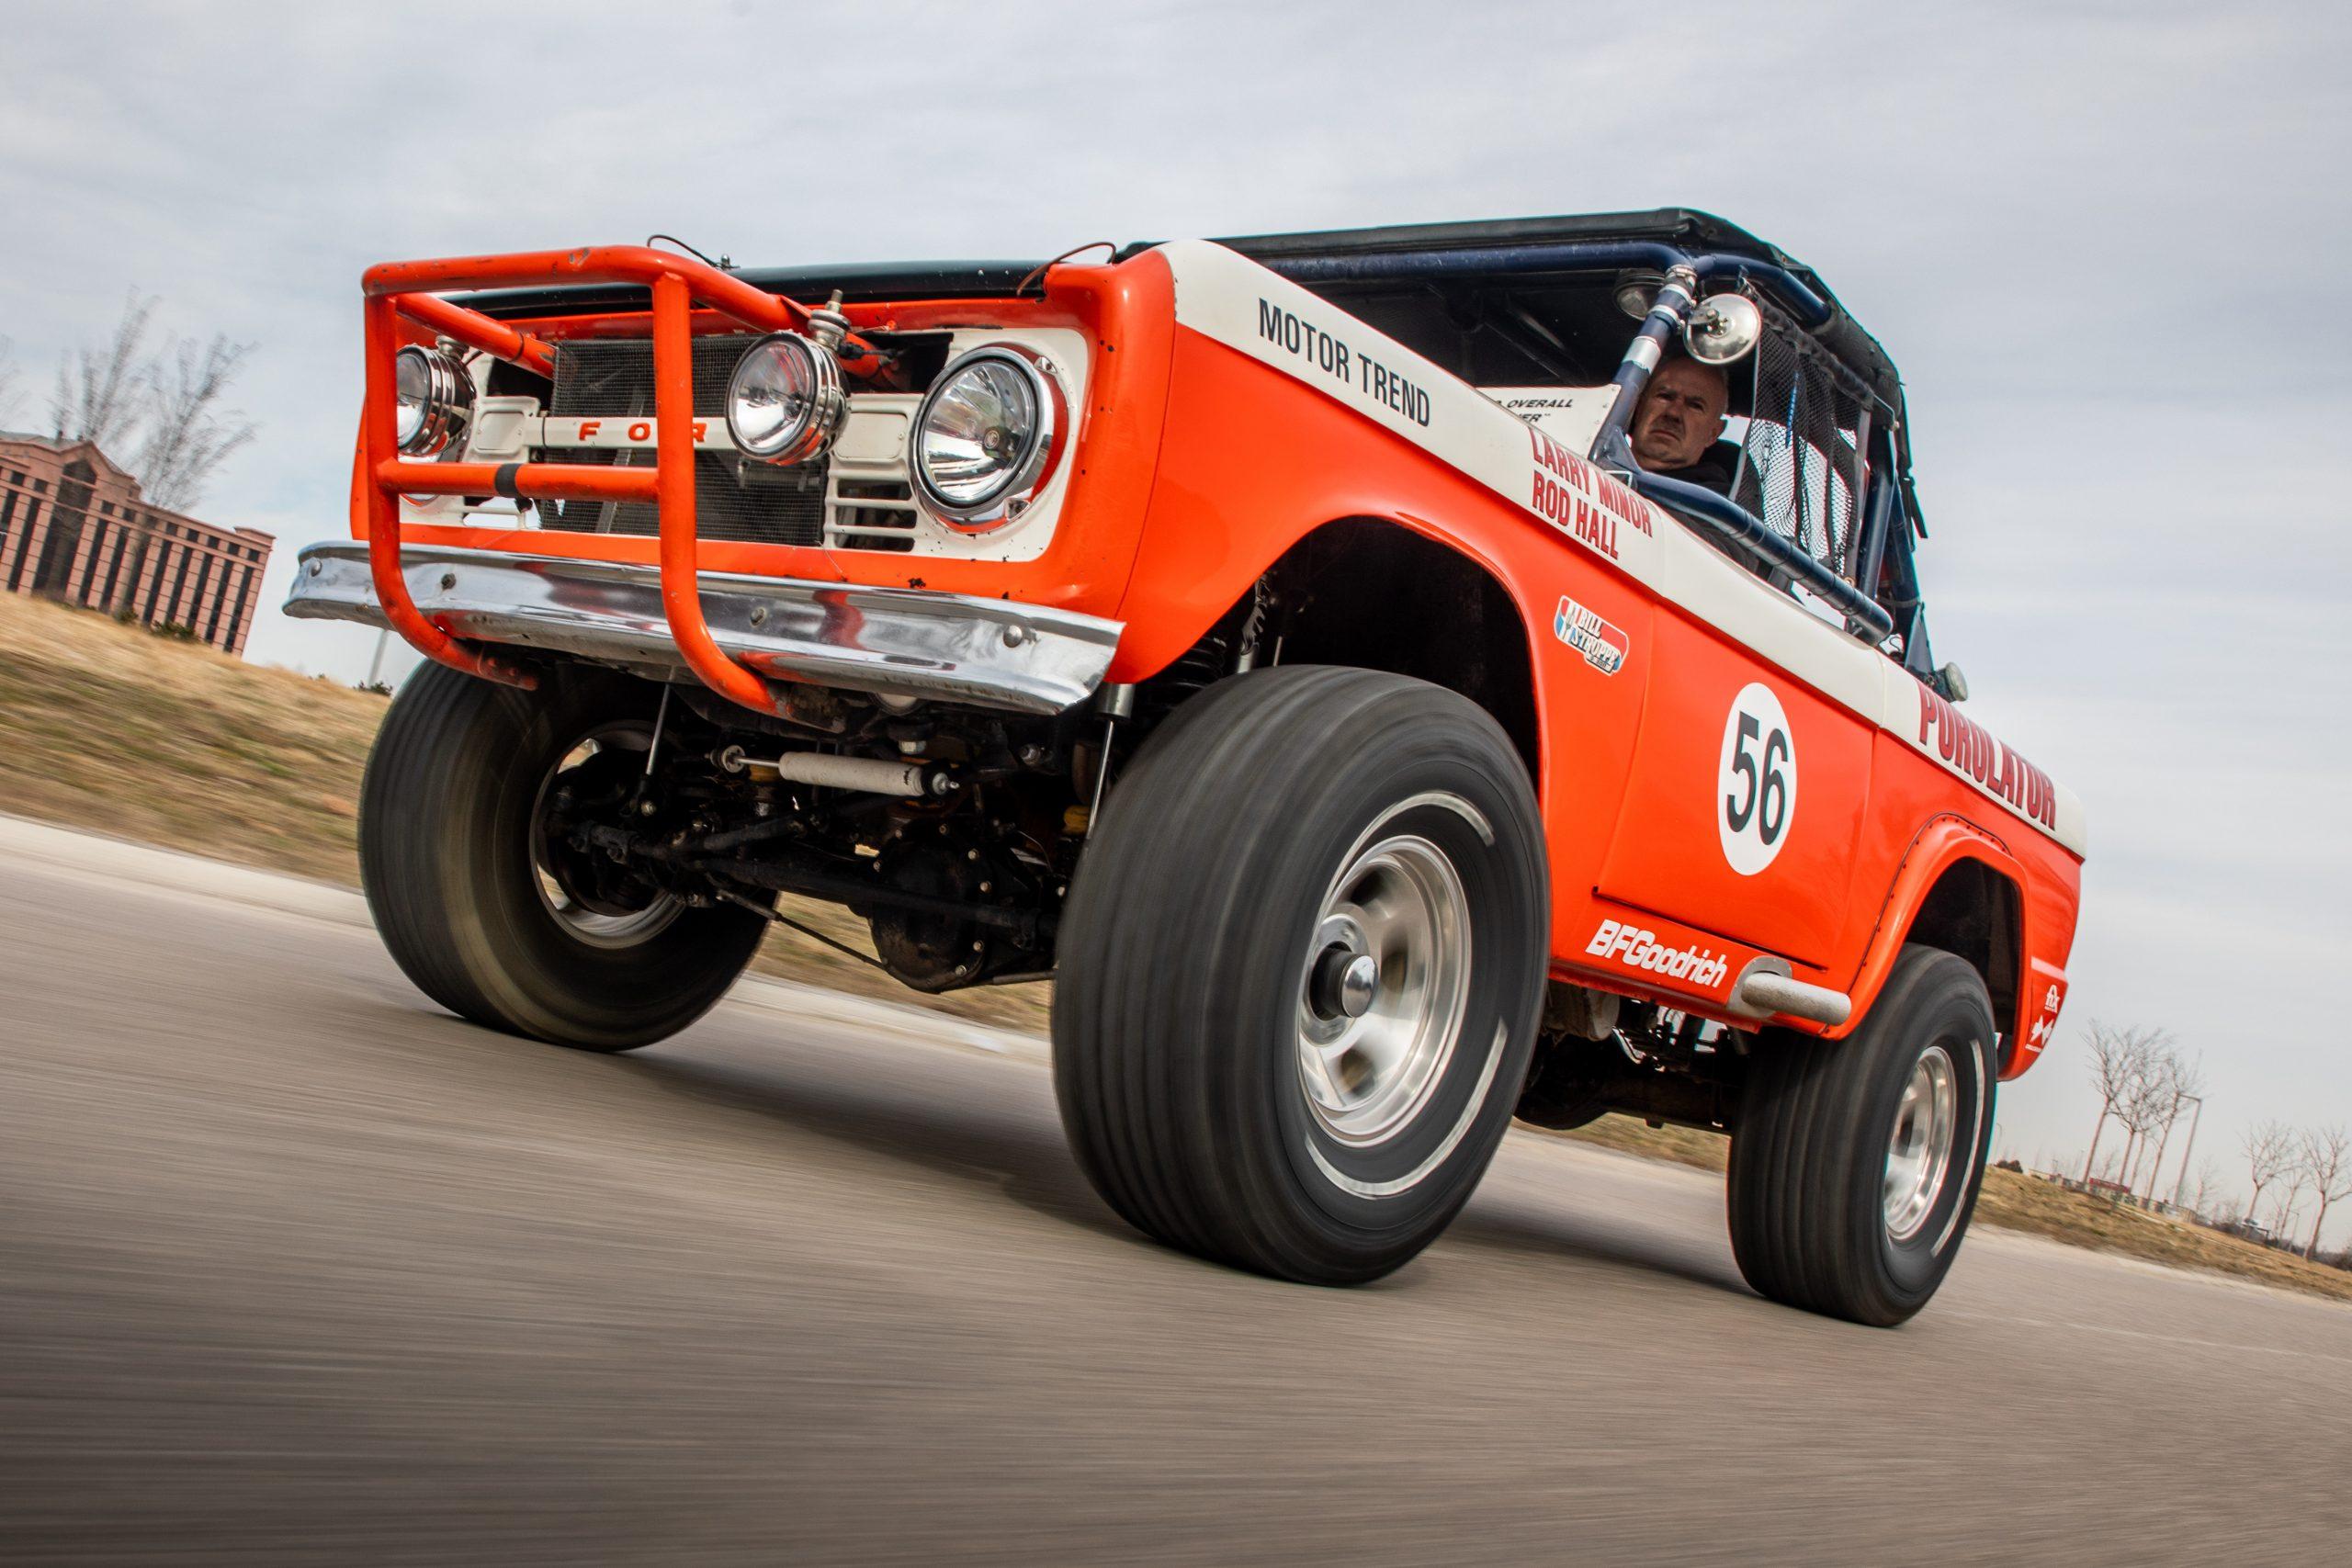 Rod Hall Ford Bronco Racing